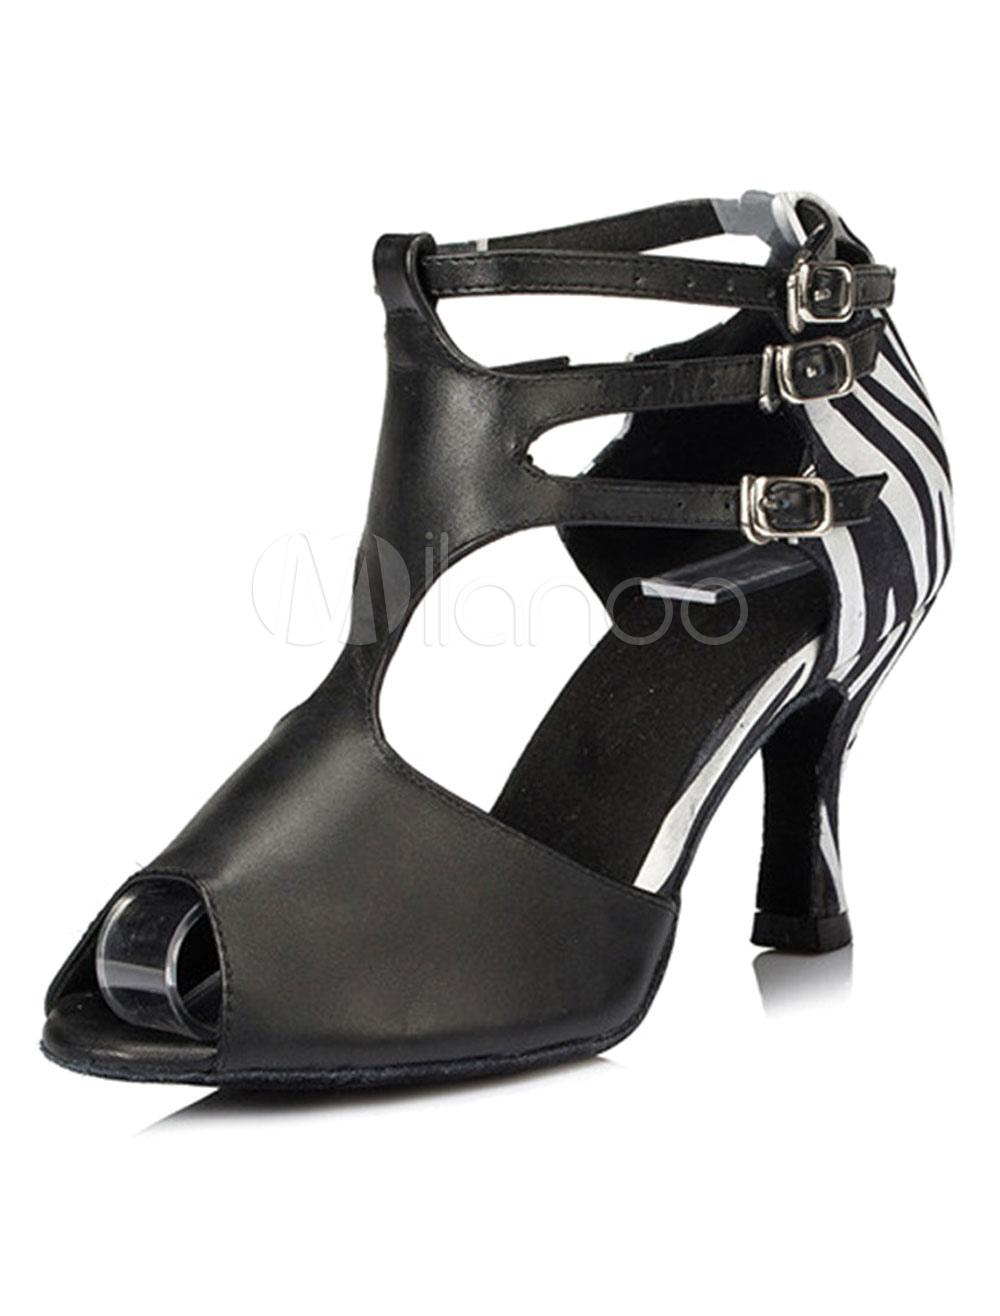 Buy Black Dance Sandals Print PU Heels for Women for $33.24 in Milanoo store